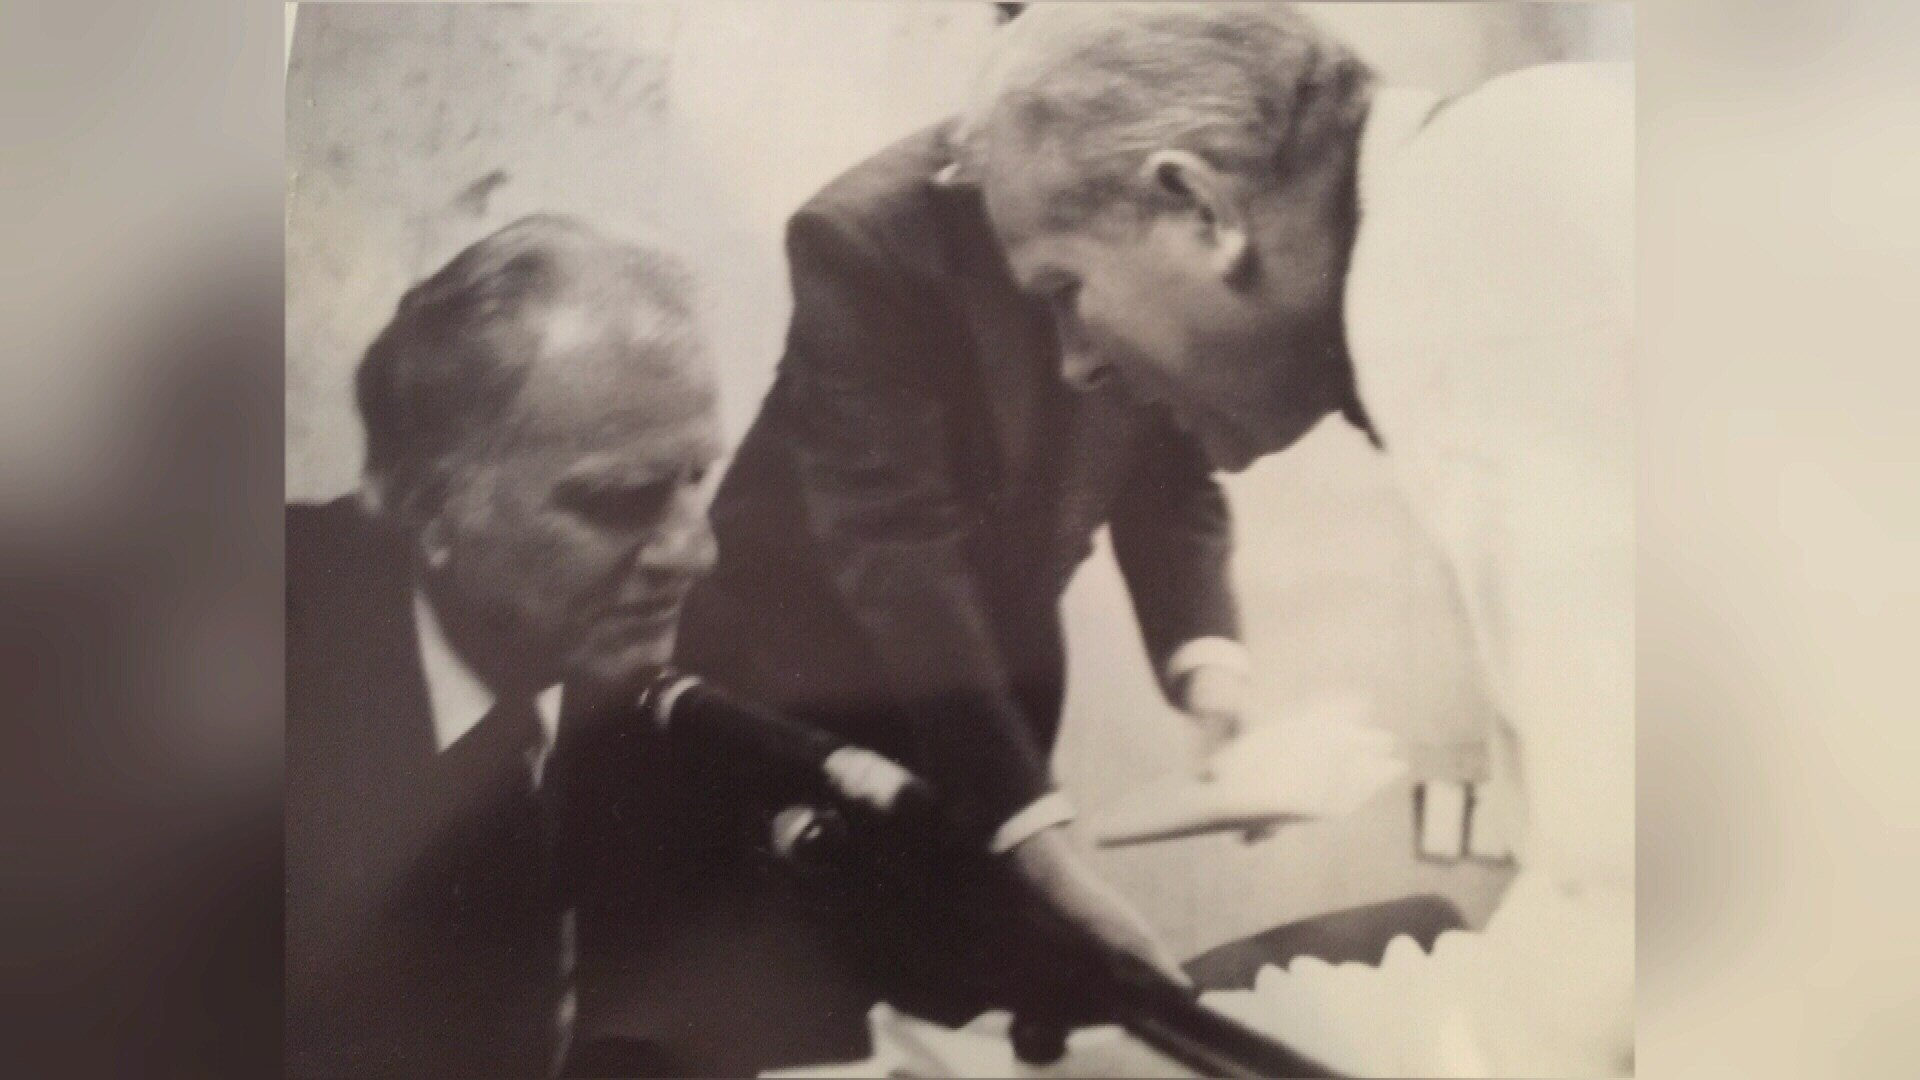 Reaction to evangelist Billy Graham's death